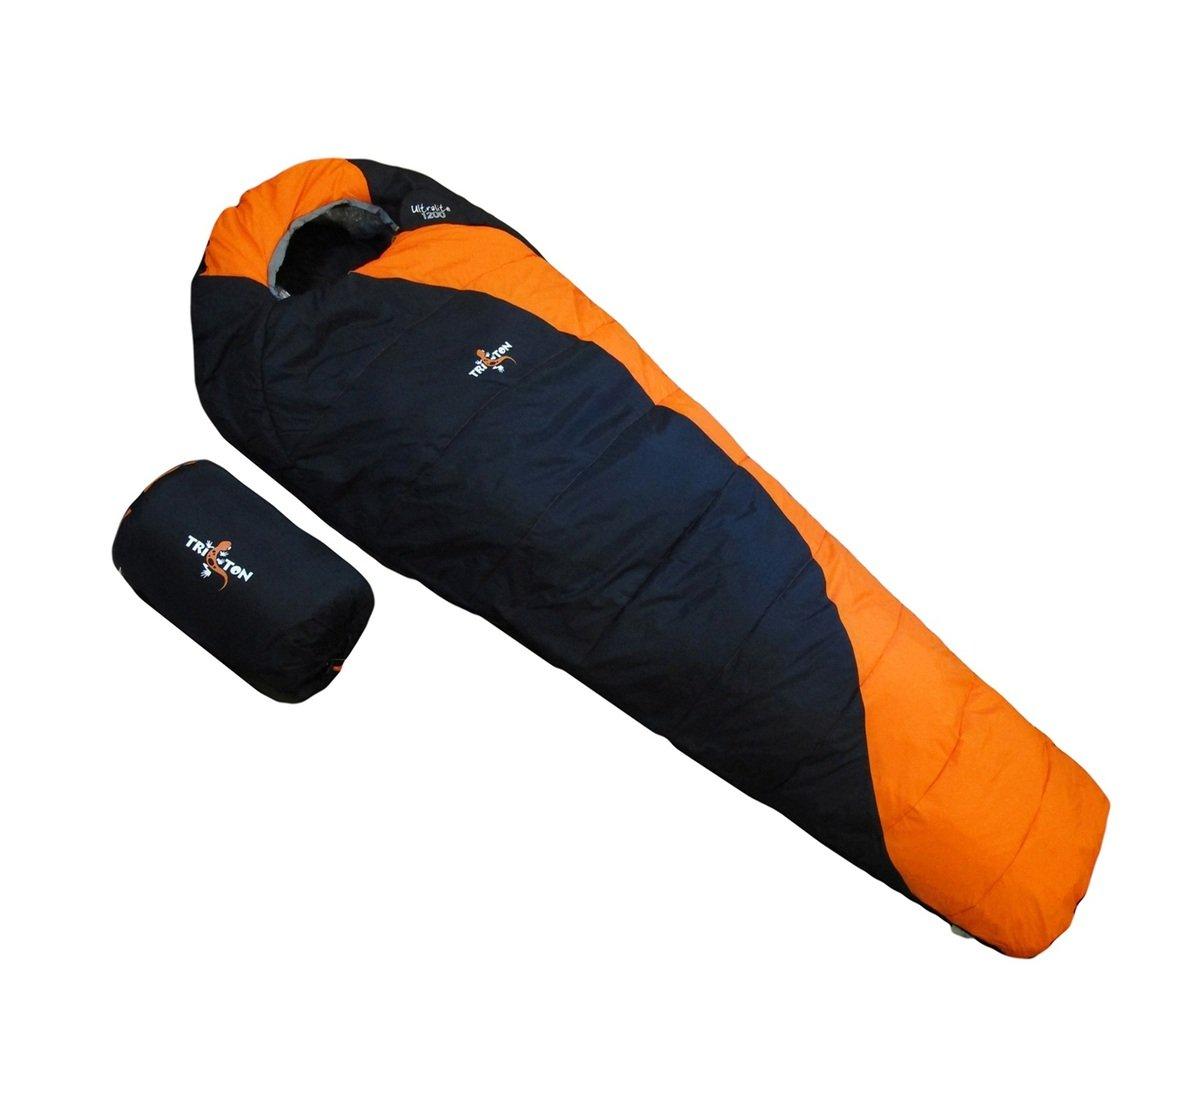 抗水高溫綿負5度睡袋 - Ultralite 1200